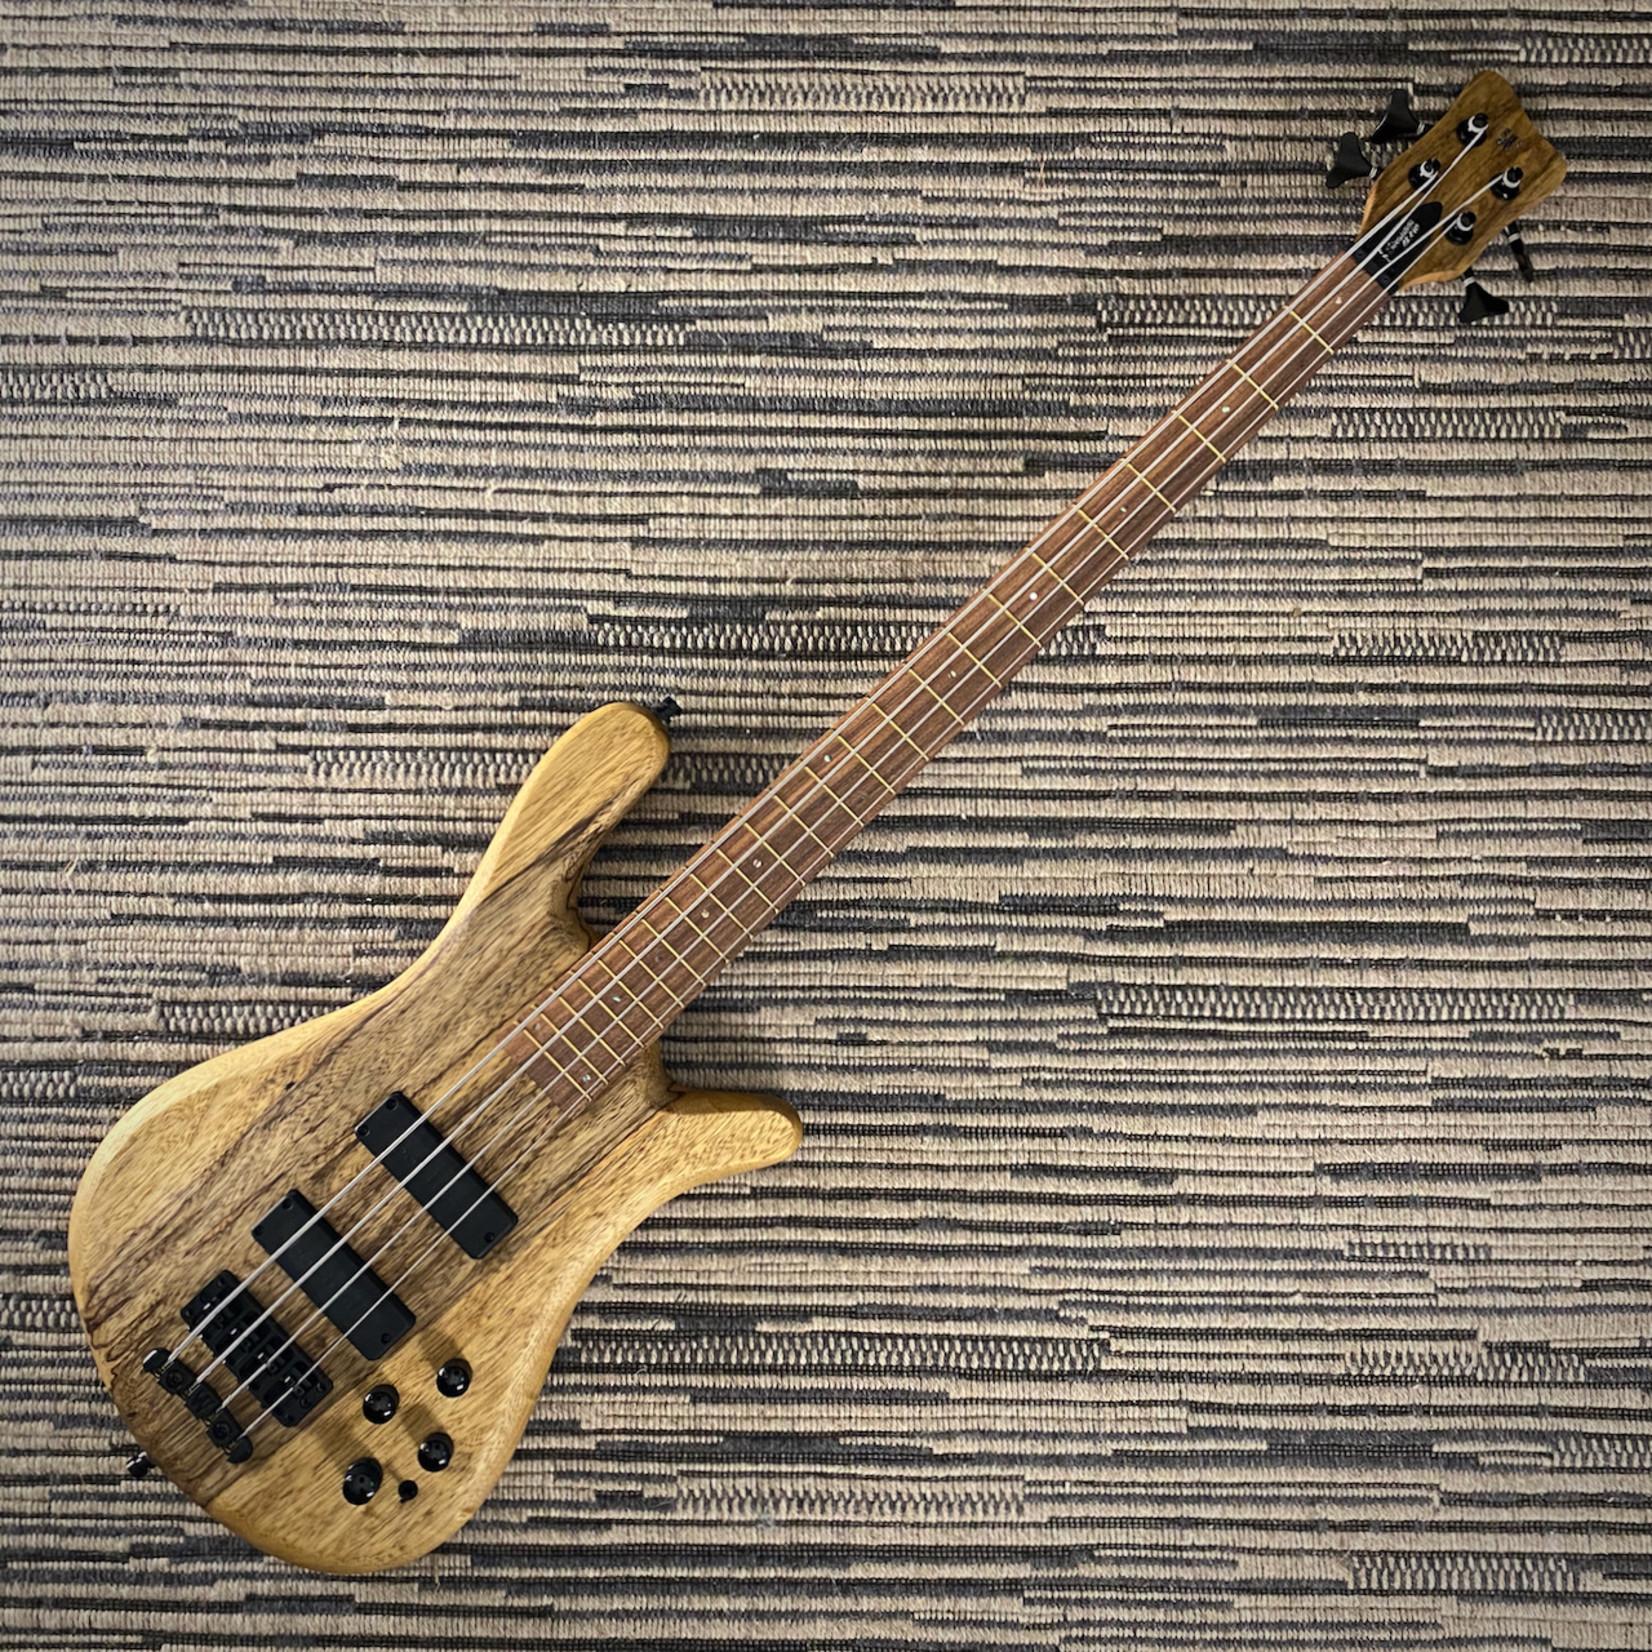 Warwick Warwick TeamBuilt Pro Series Streamer LX Limited Edition 2021, 4-String Bass, Black Korina, #32/100